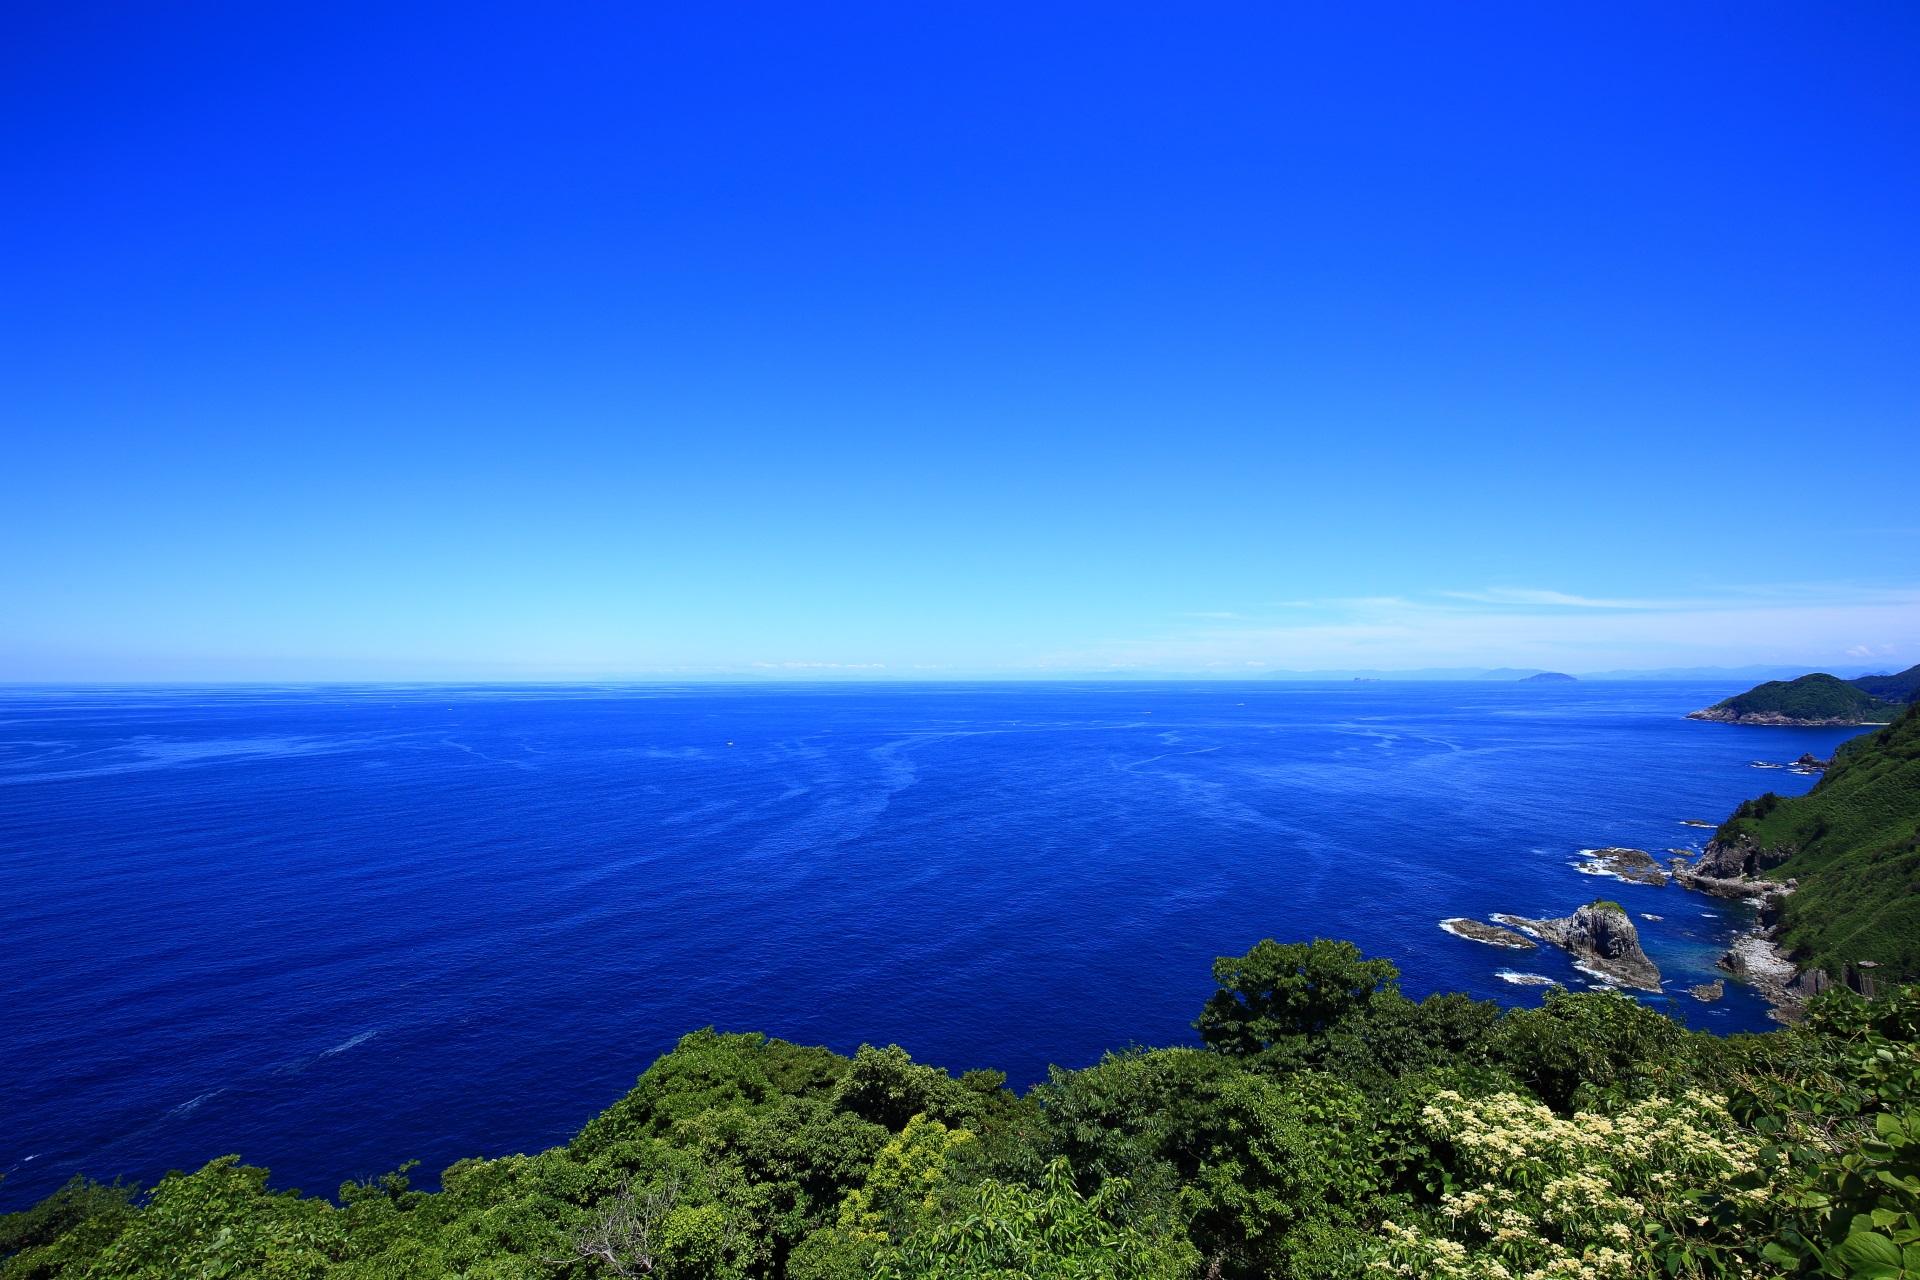 高い位置の経ヶ岬灯台から望む青い日本海